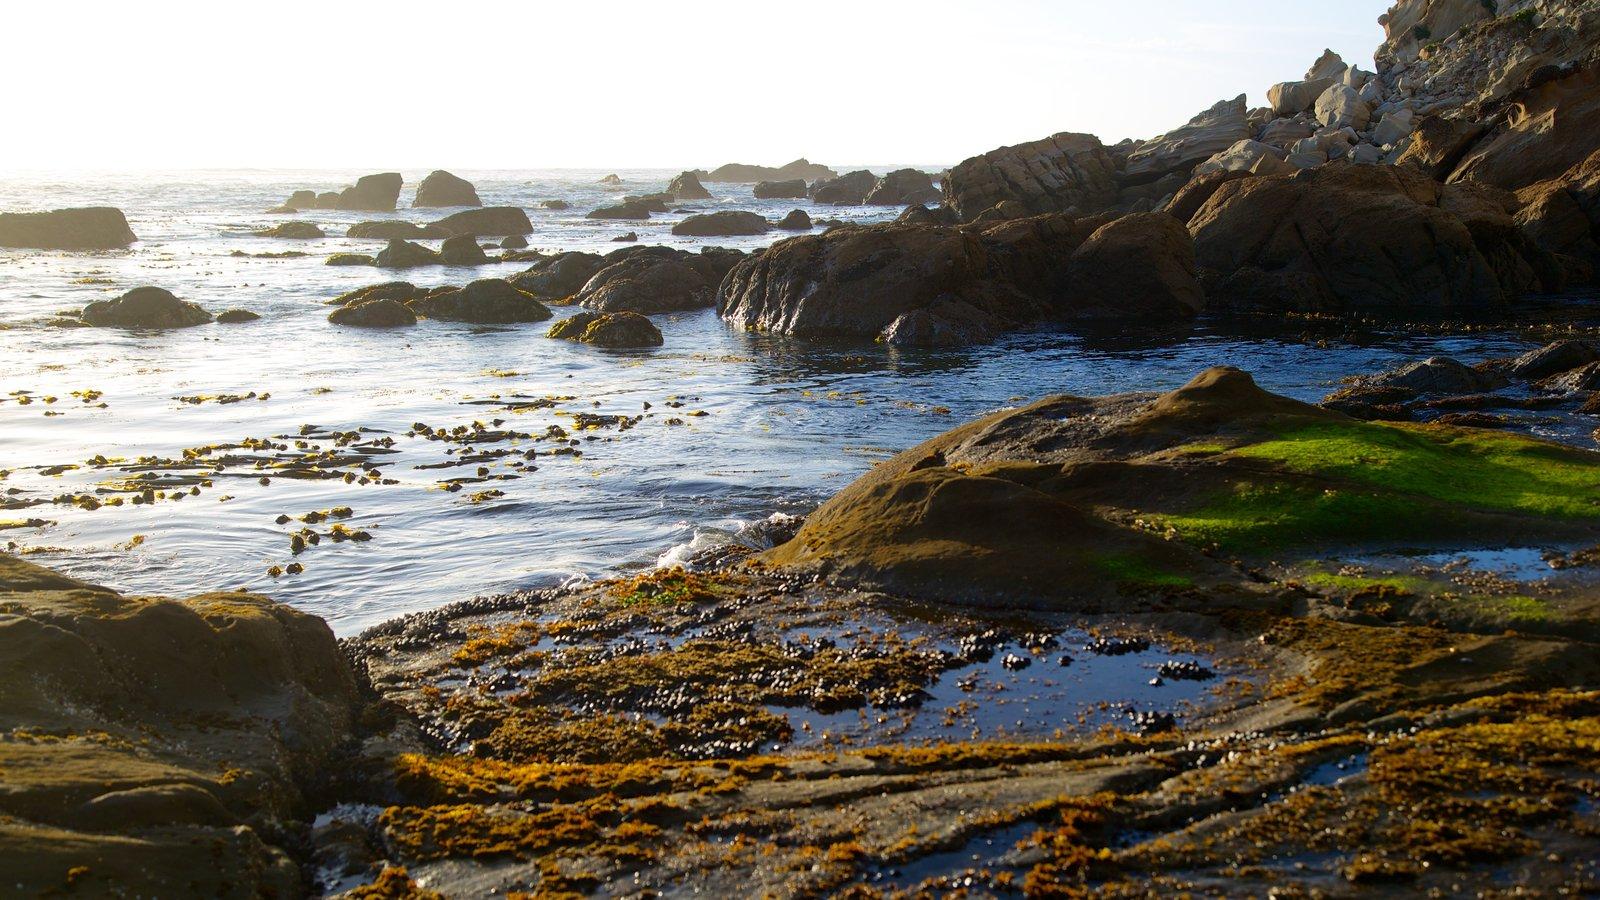 Parque estatal Cape Arago mostrando costa rocosa